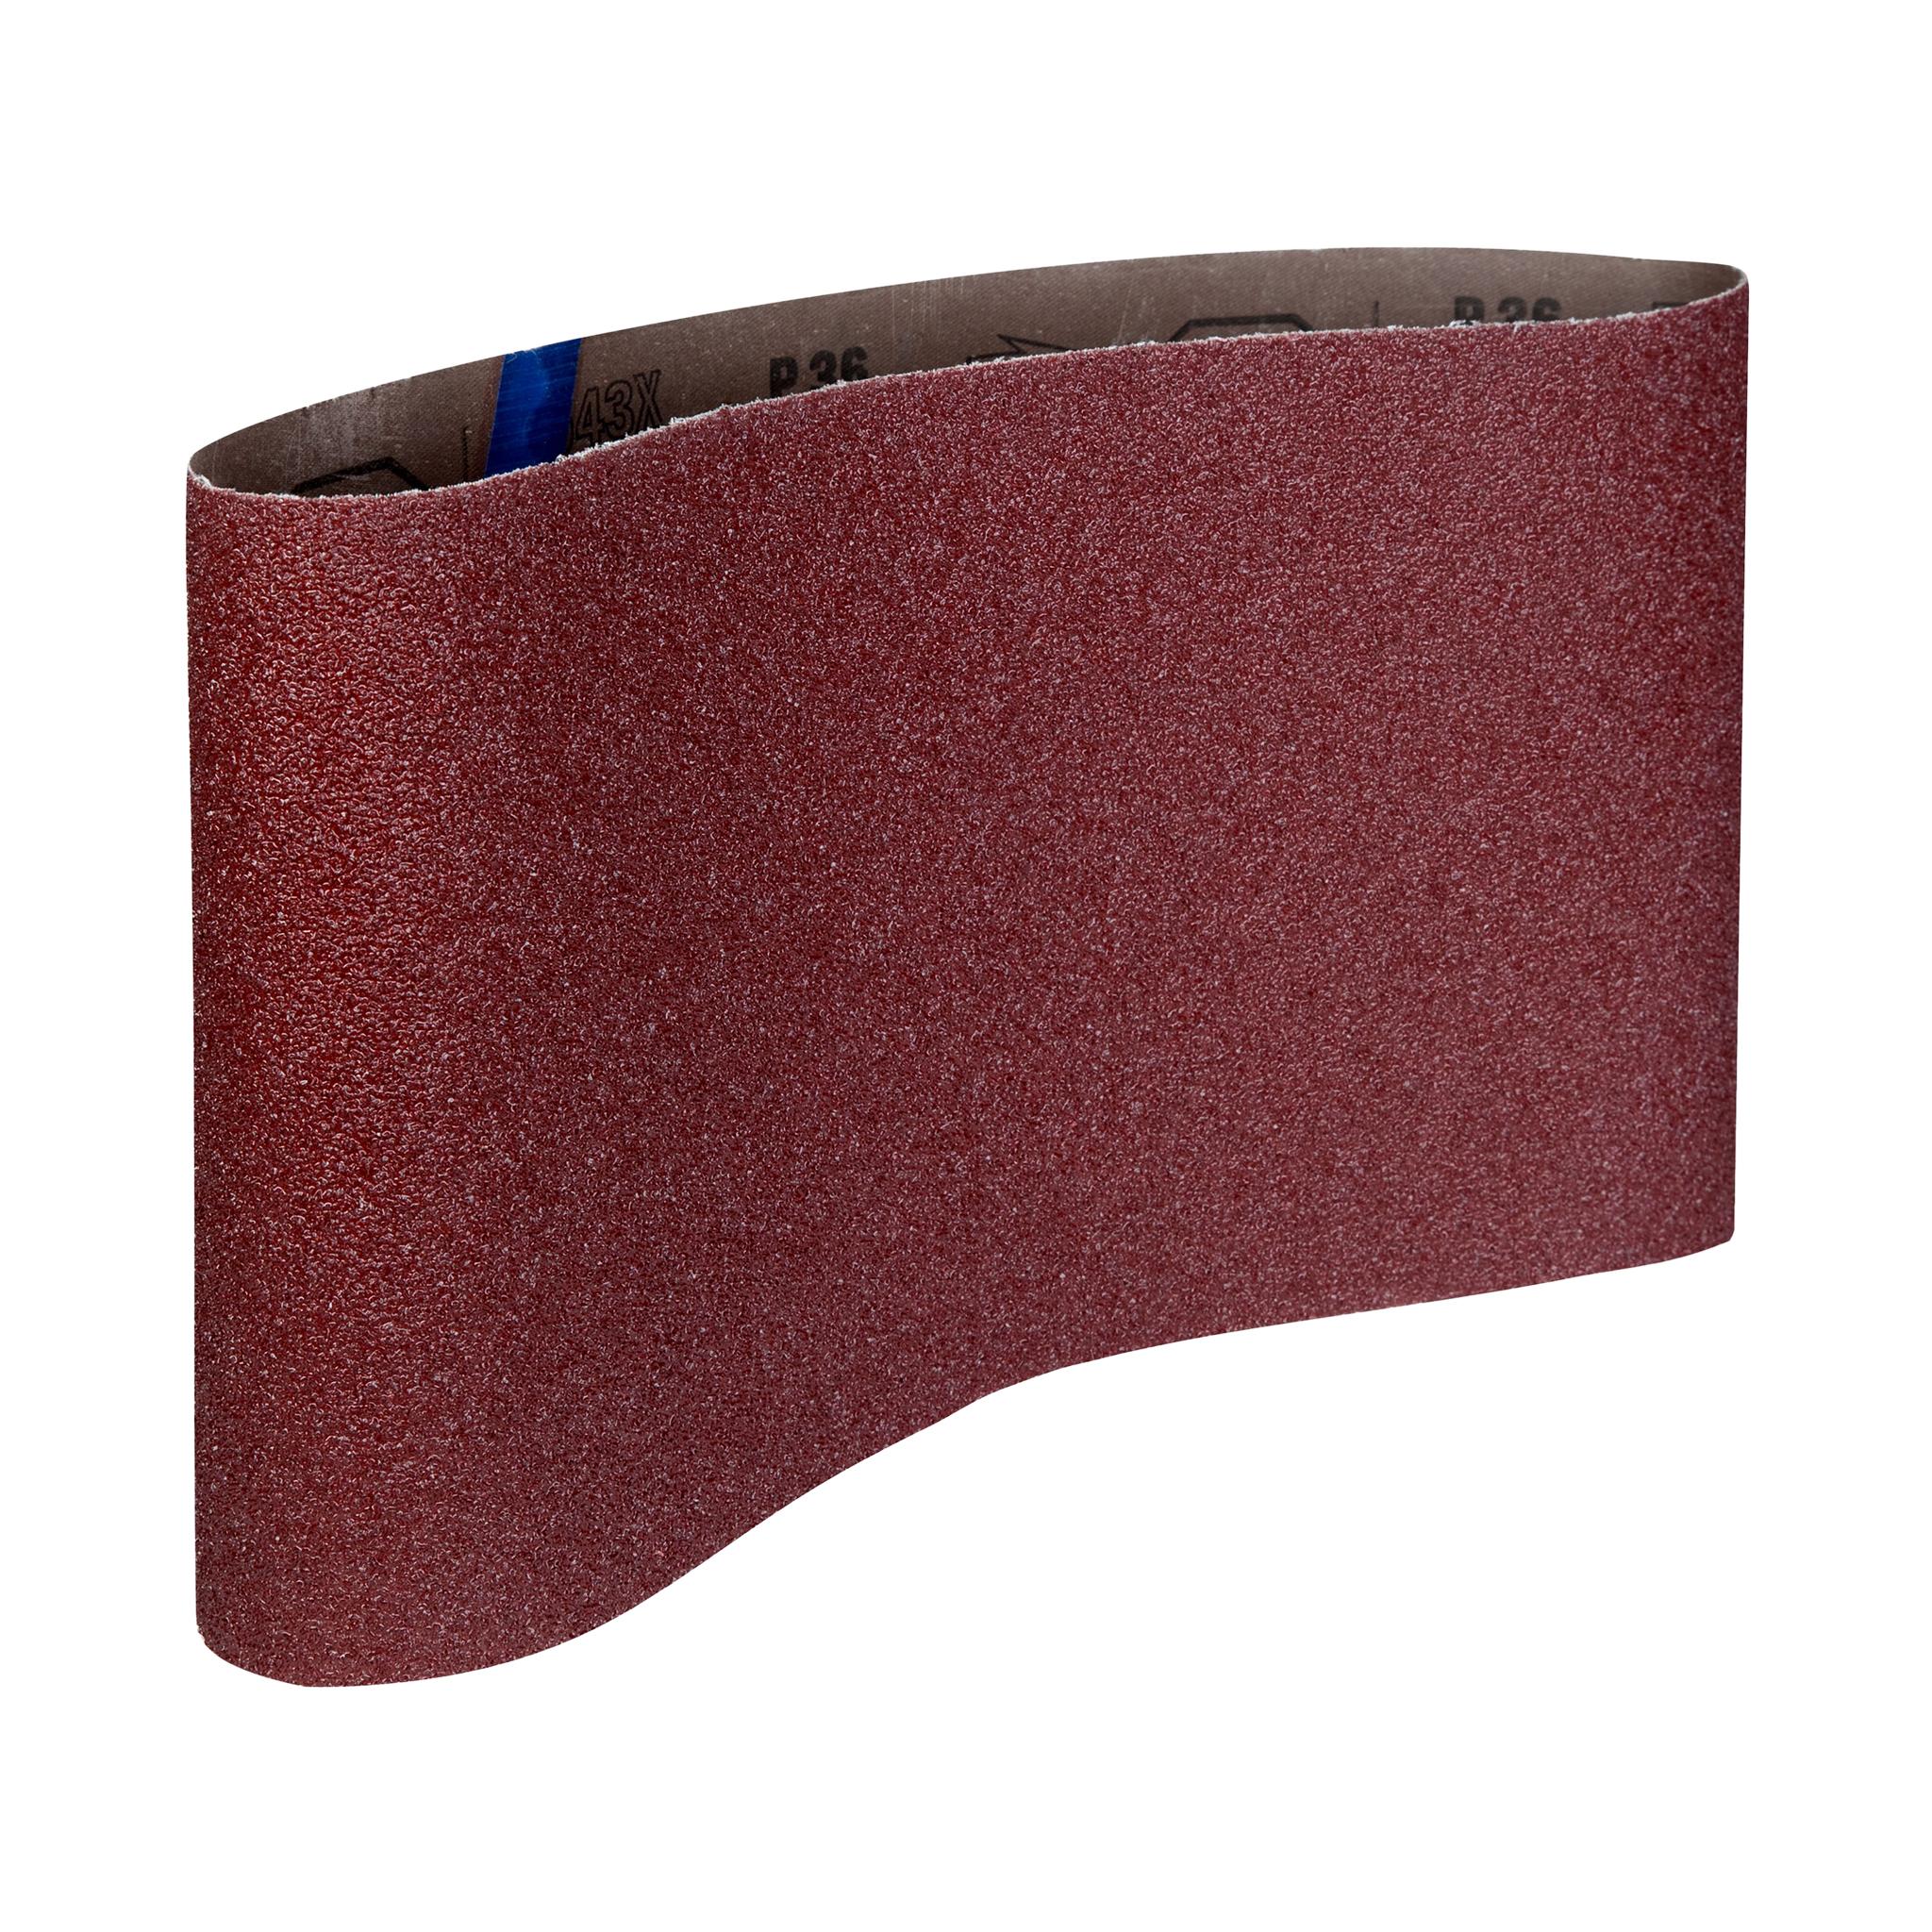 K 24 PARAT Belts Schleifband 200x750mm